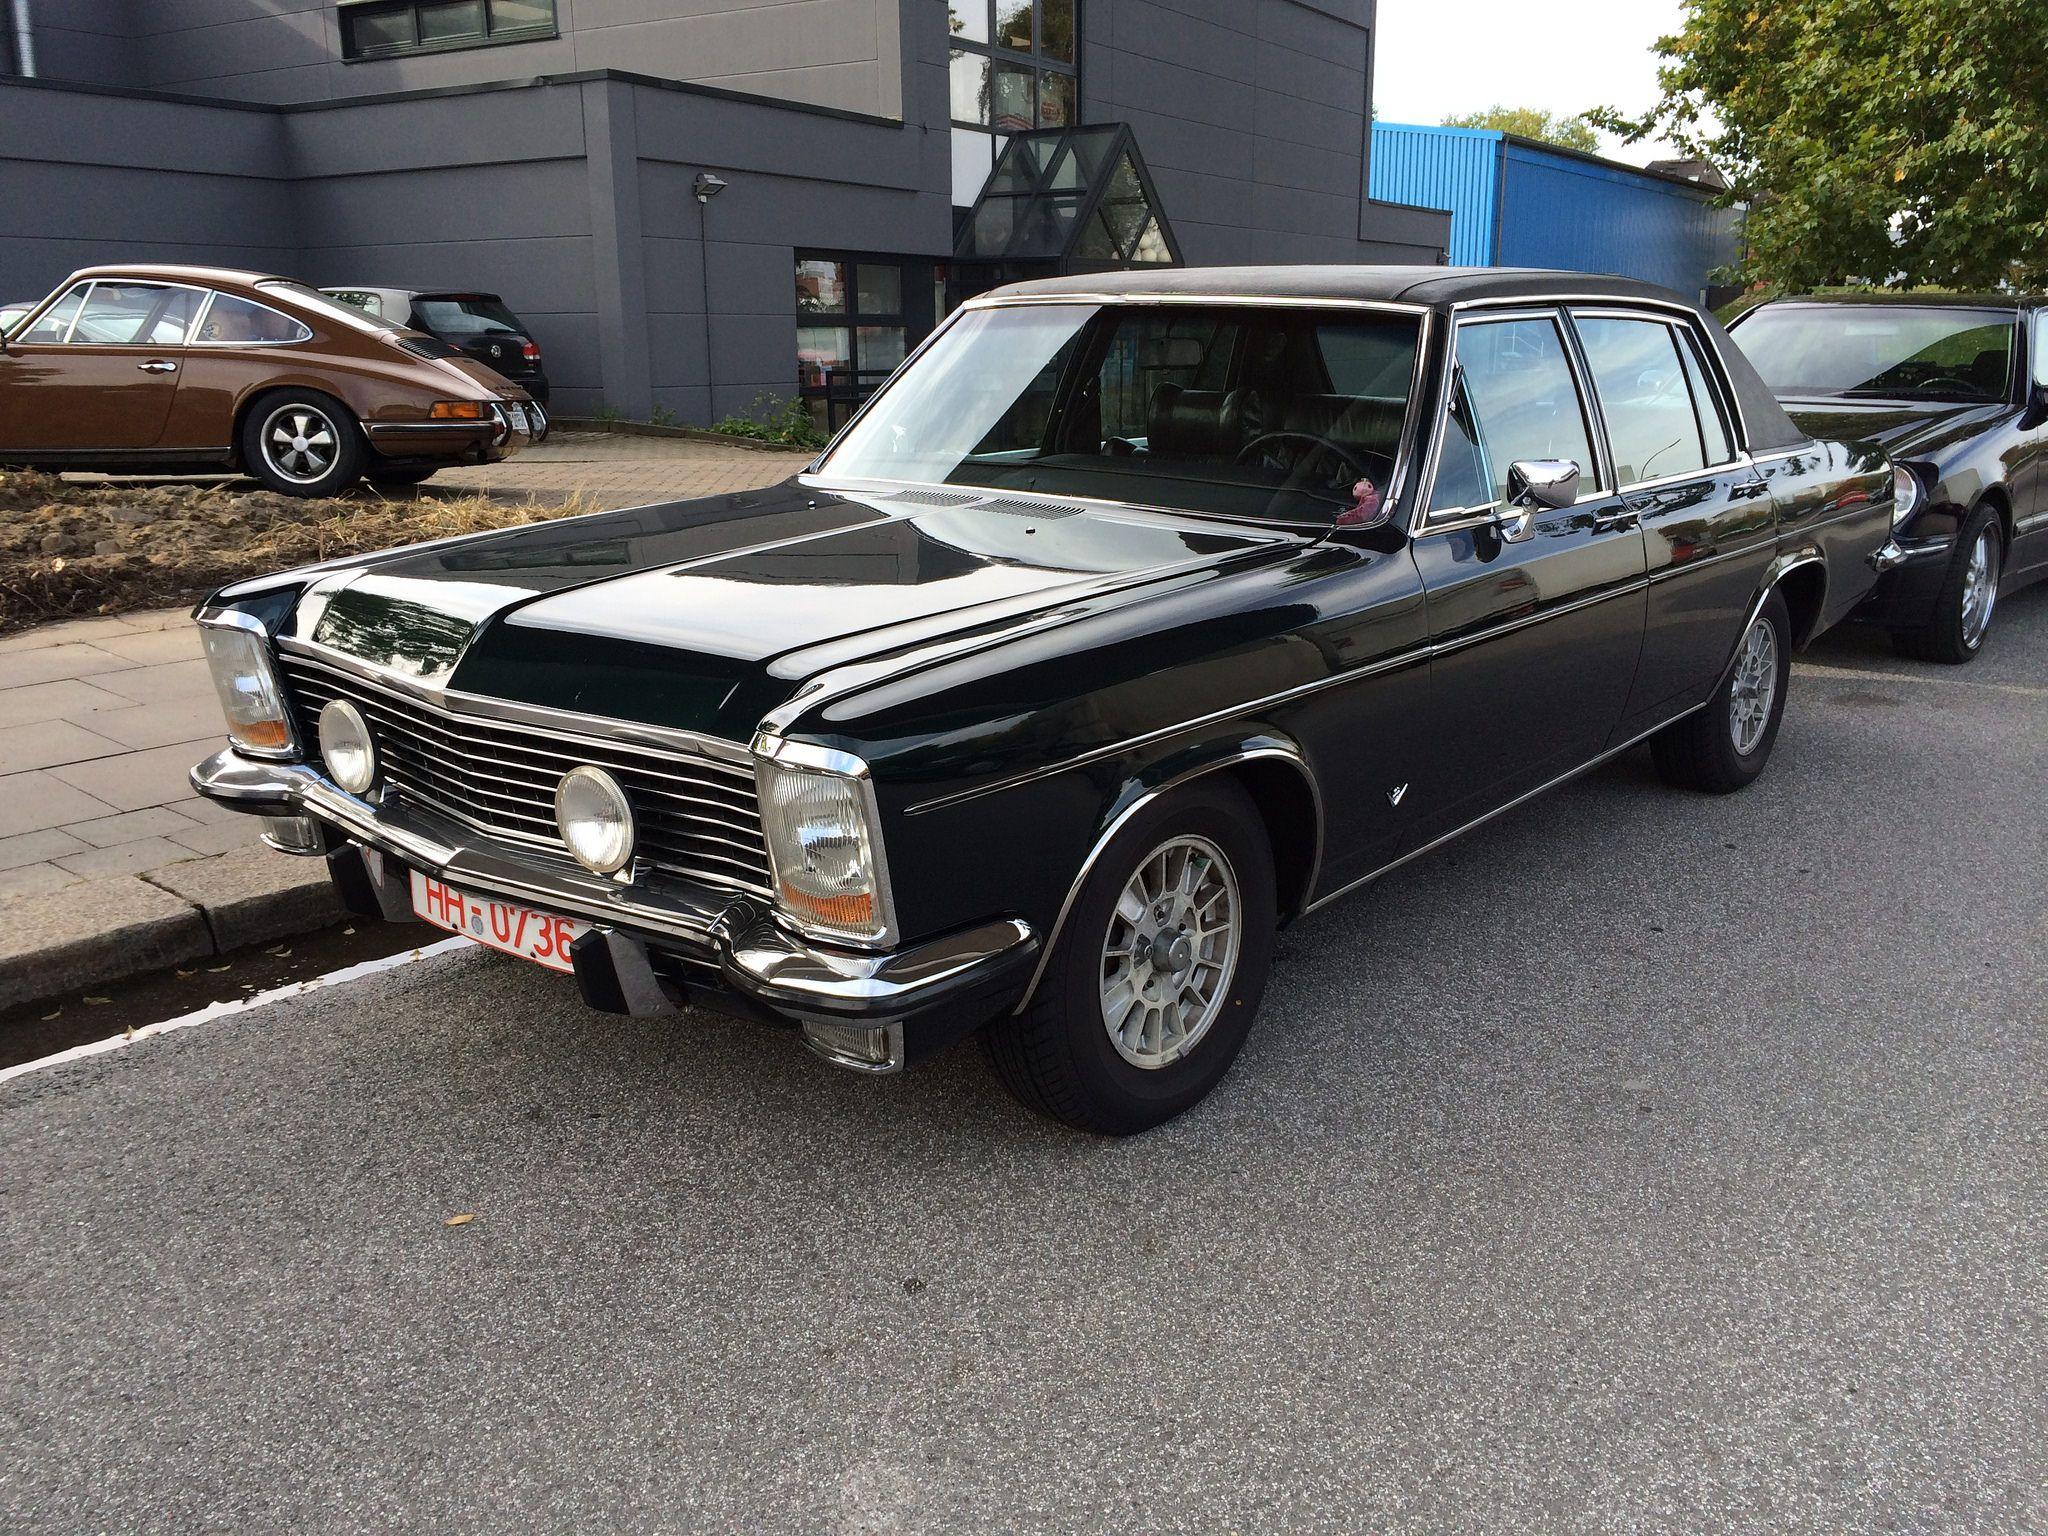 Opel Diplomat V8 | Pinterest | Cars